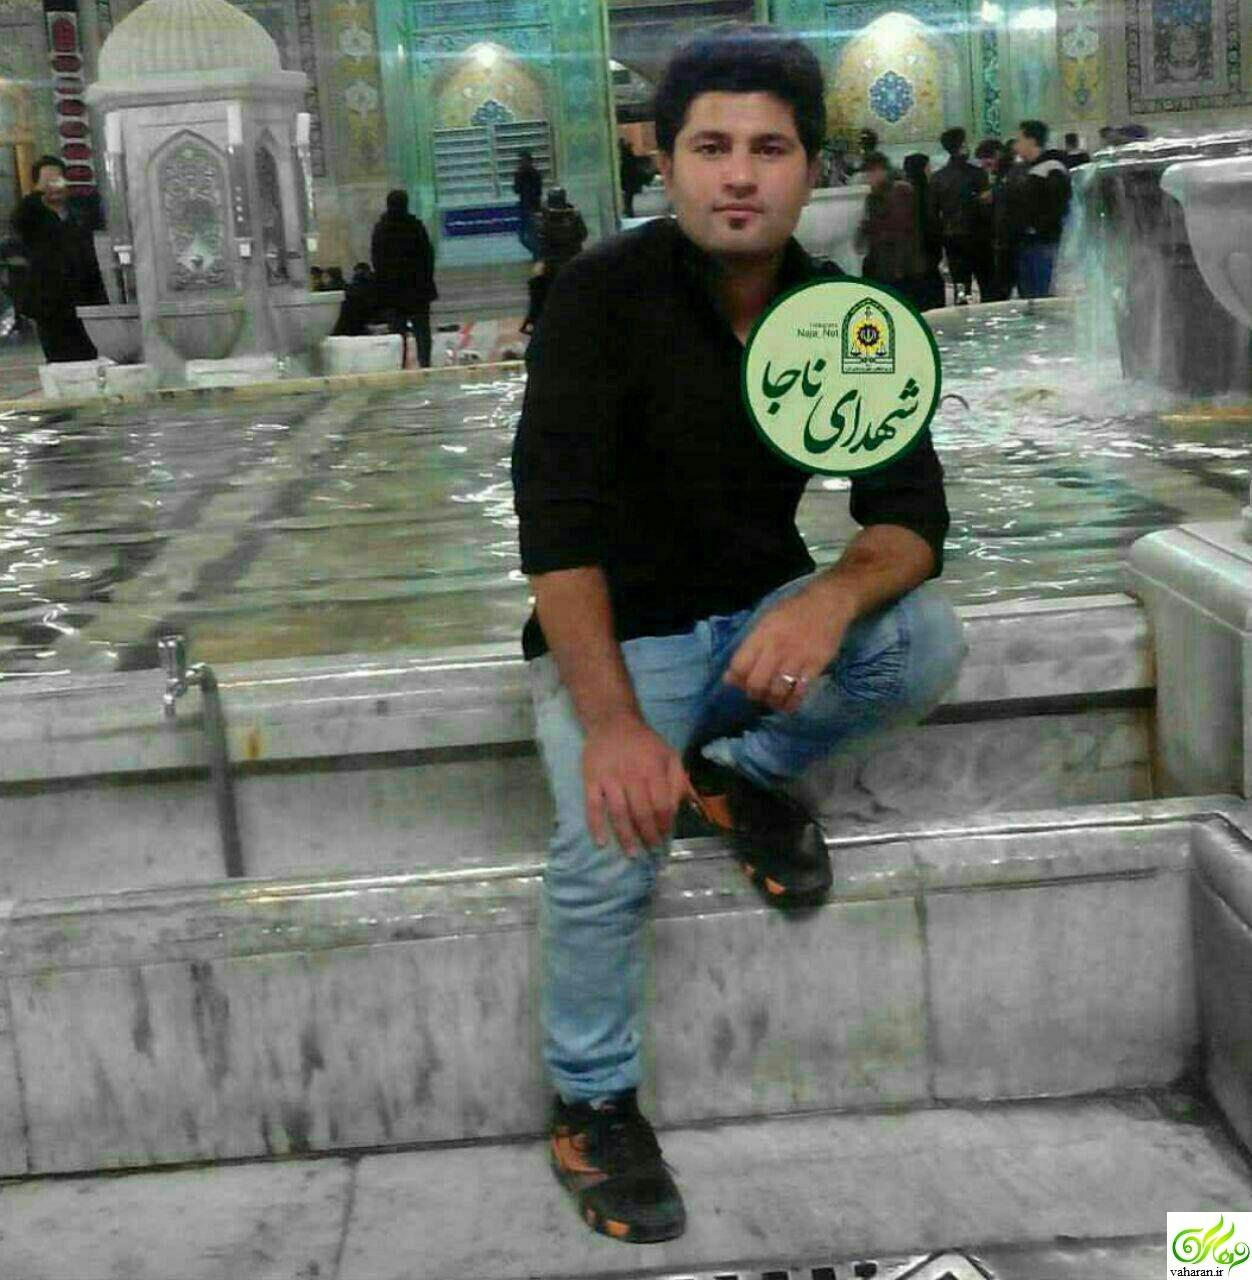 سرباز مفقود شده در حادثه تروریستی میرجاوه به شهادت رسید + عکس